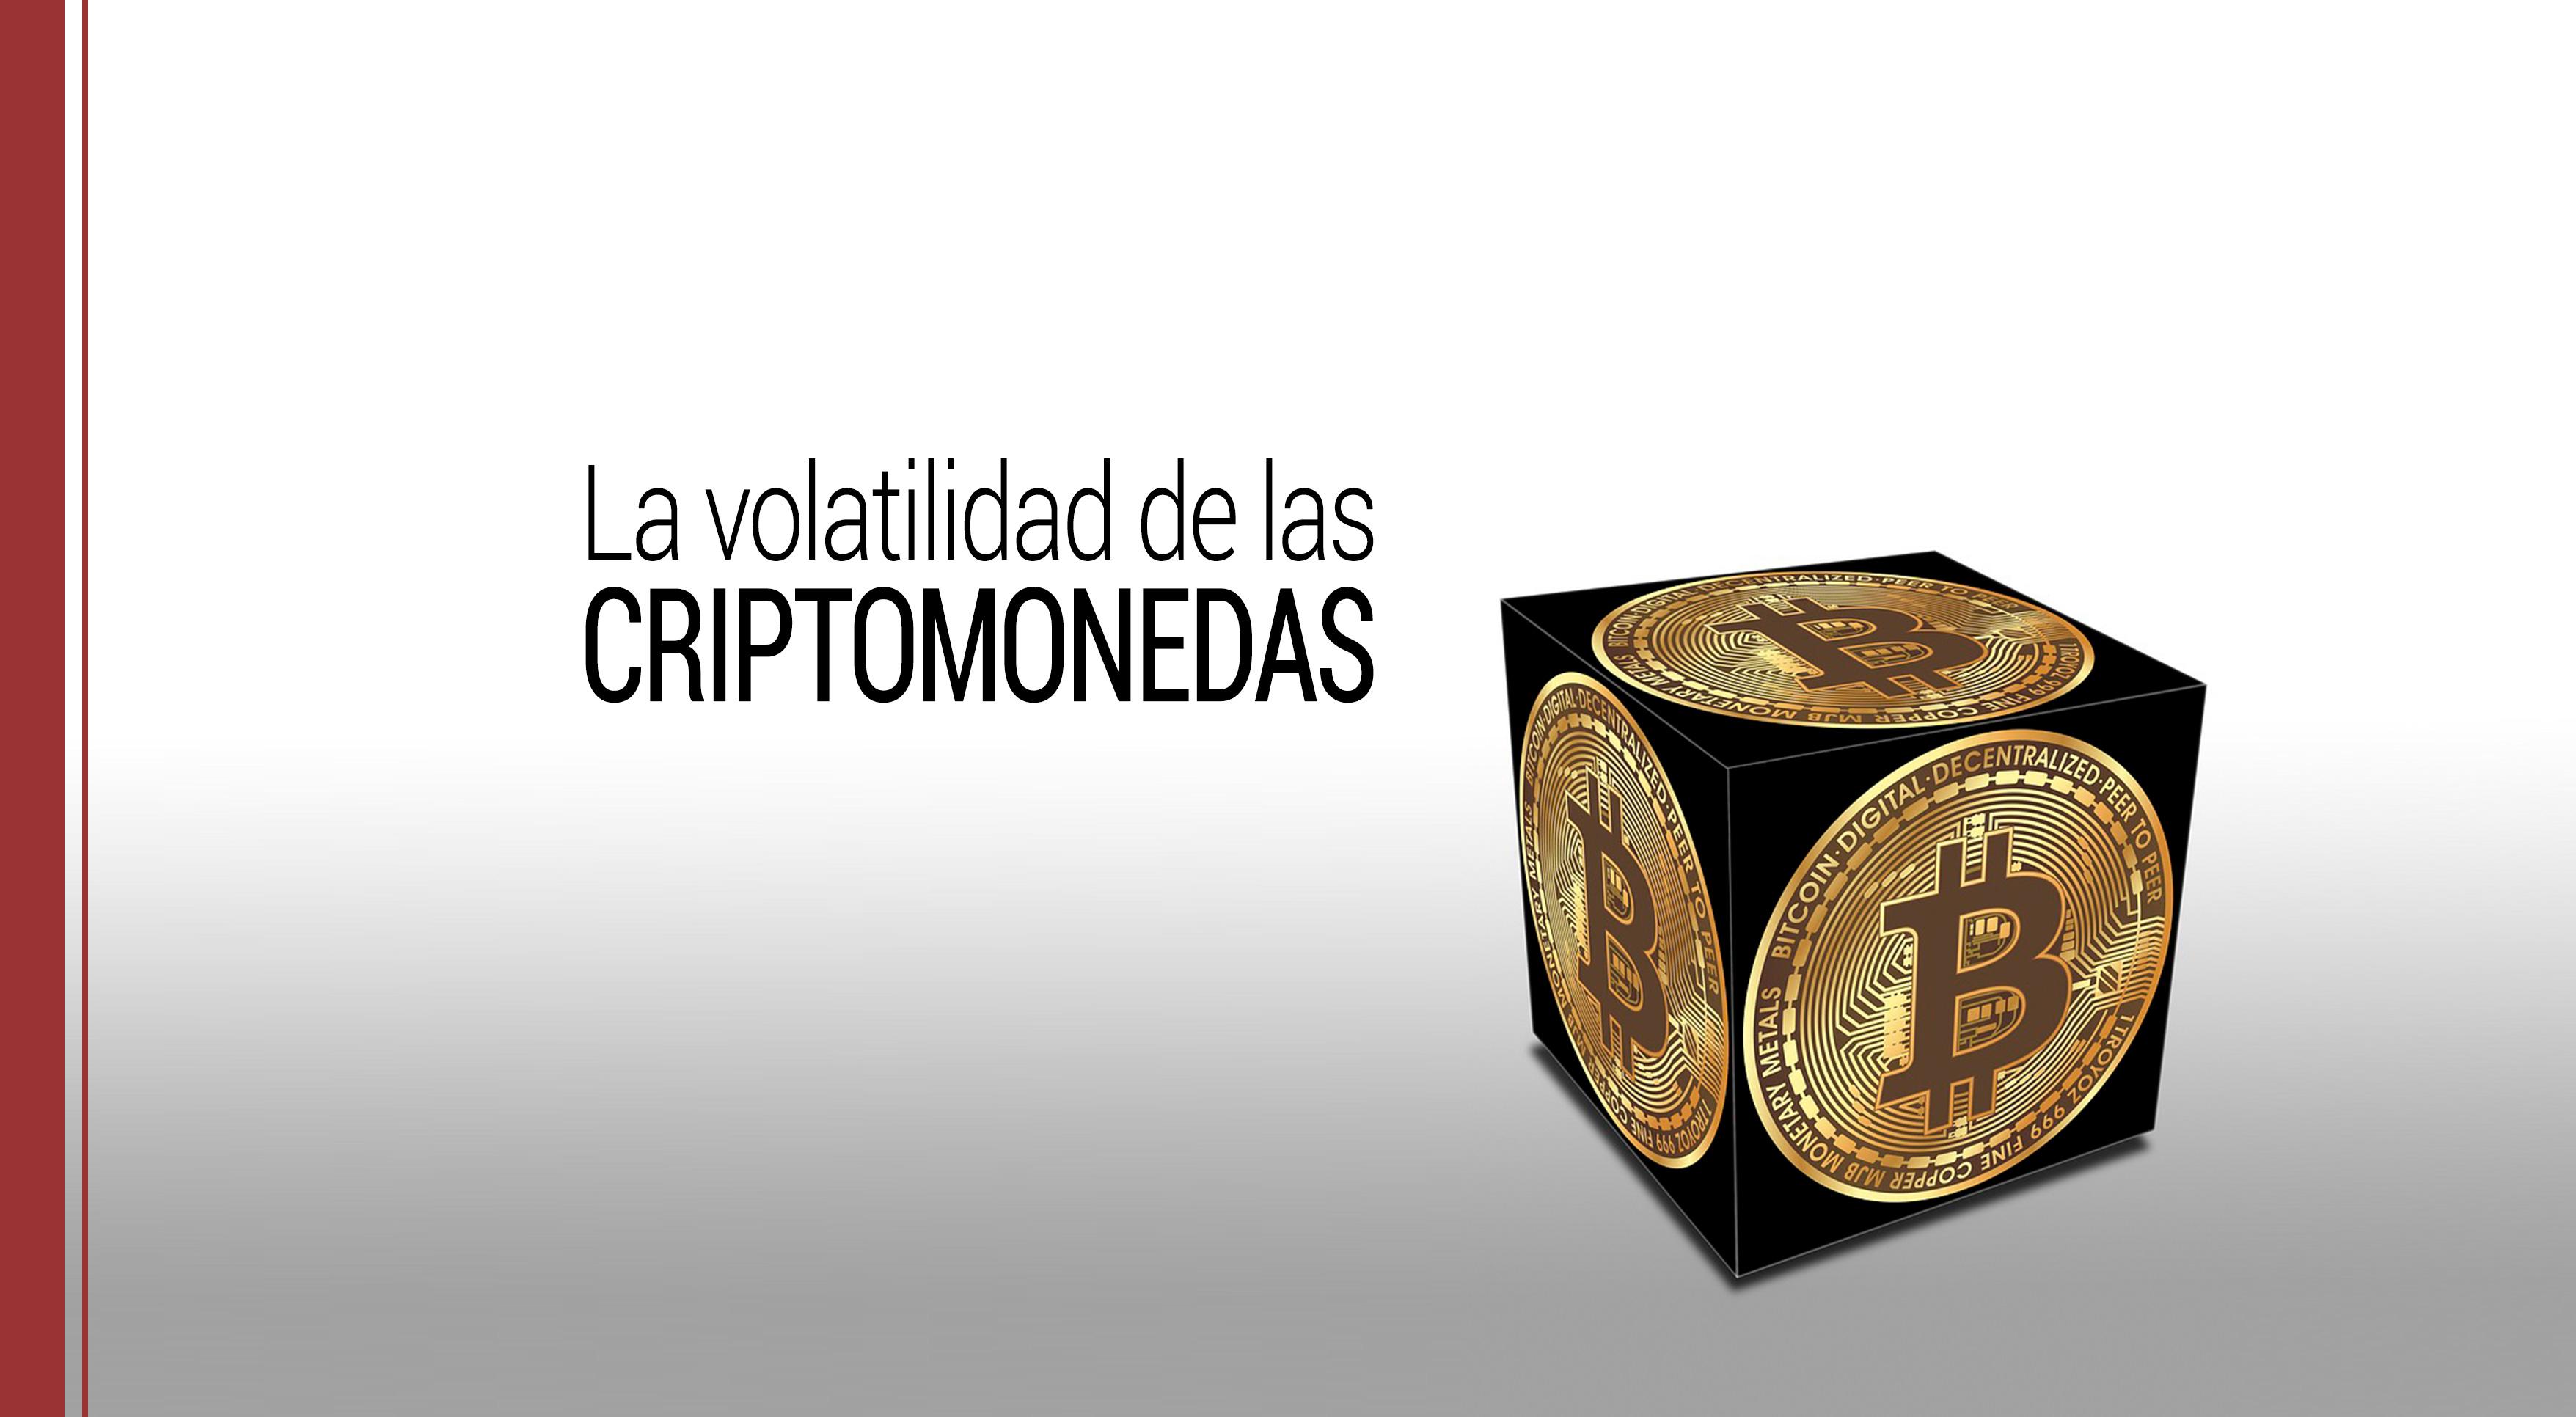 La volatilidad de las criptomonedas y su explicación